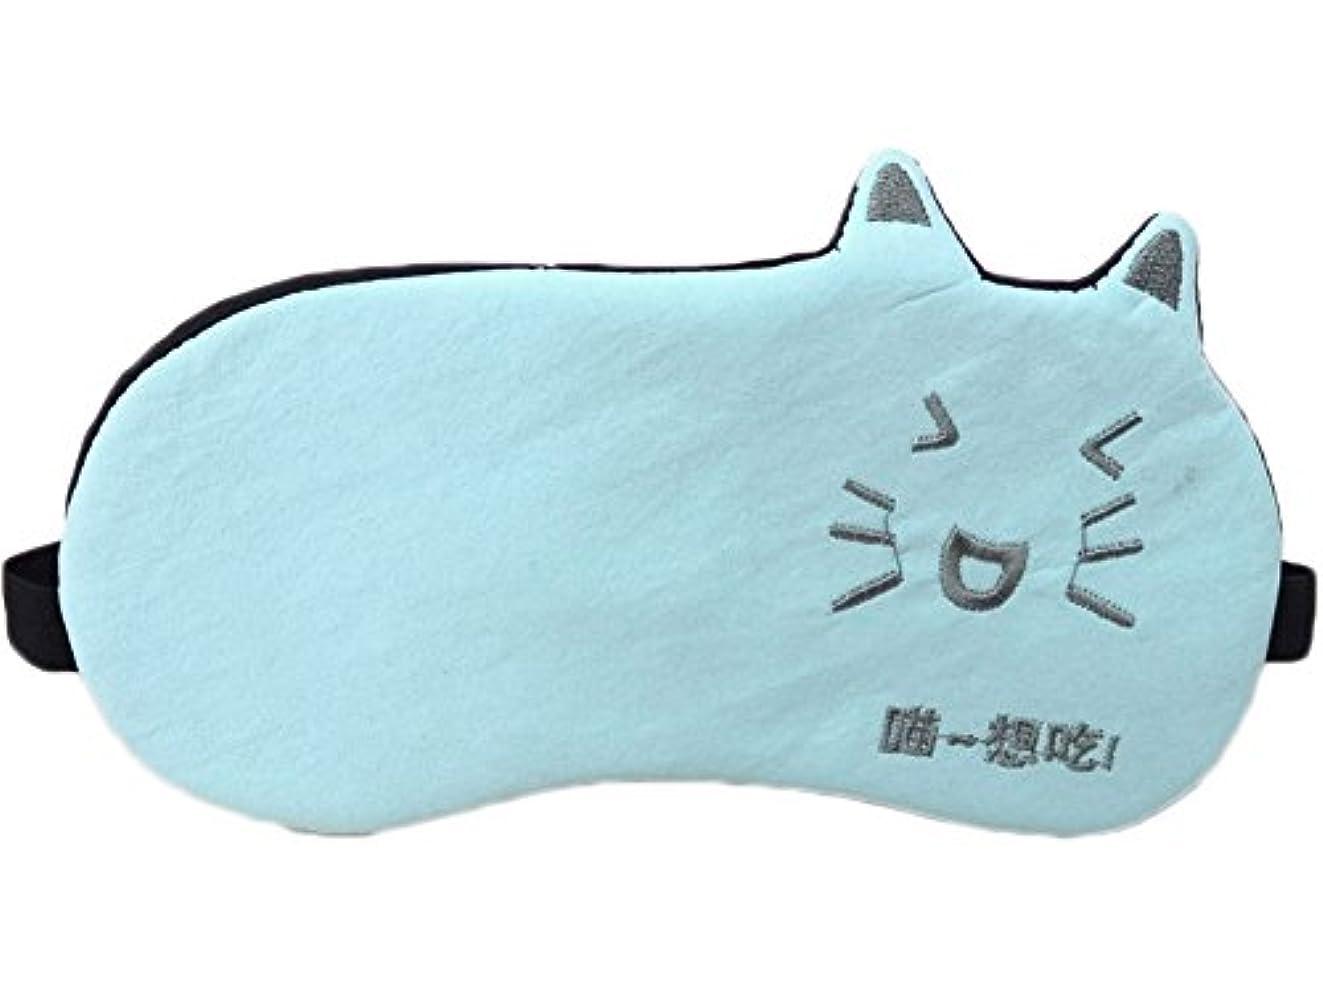 スマッシュ衛星桃かわいい漫画のデザインアイマスク睡眠飛行機の旅行シフト作業のためのマスク、#04